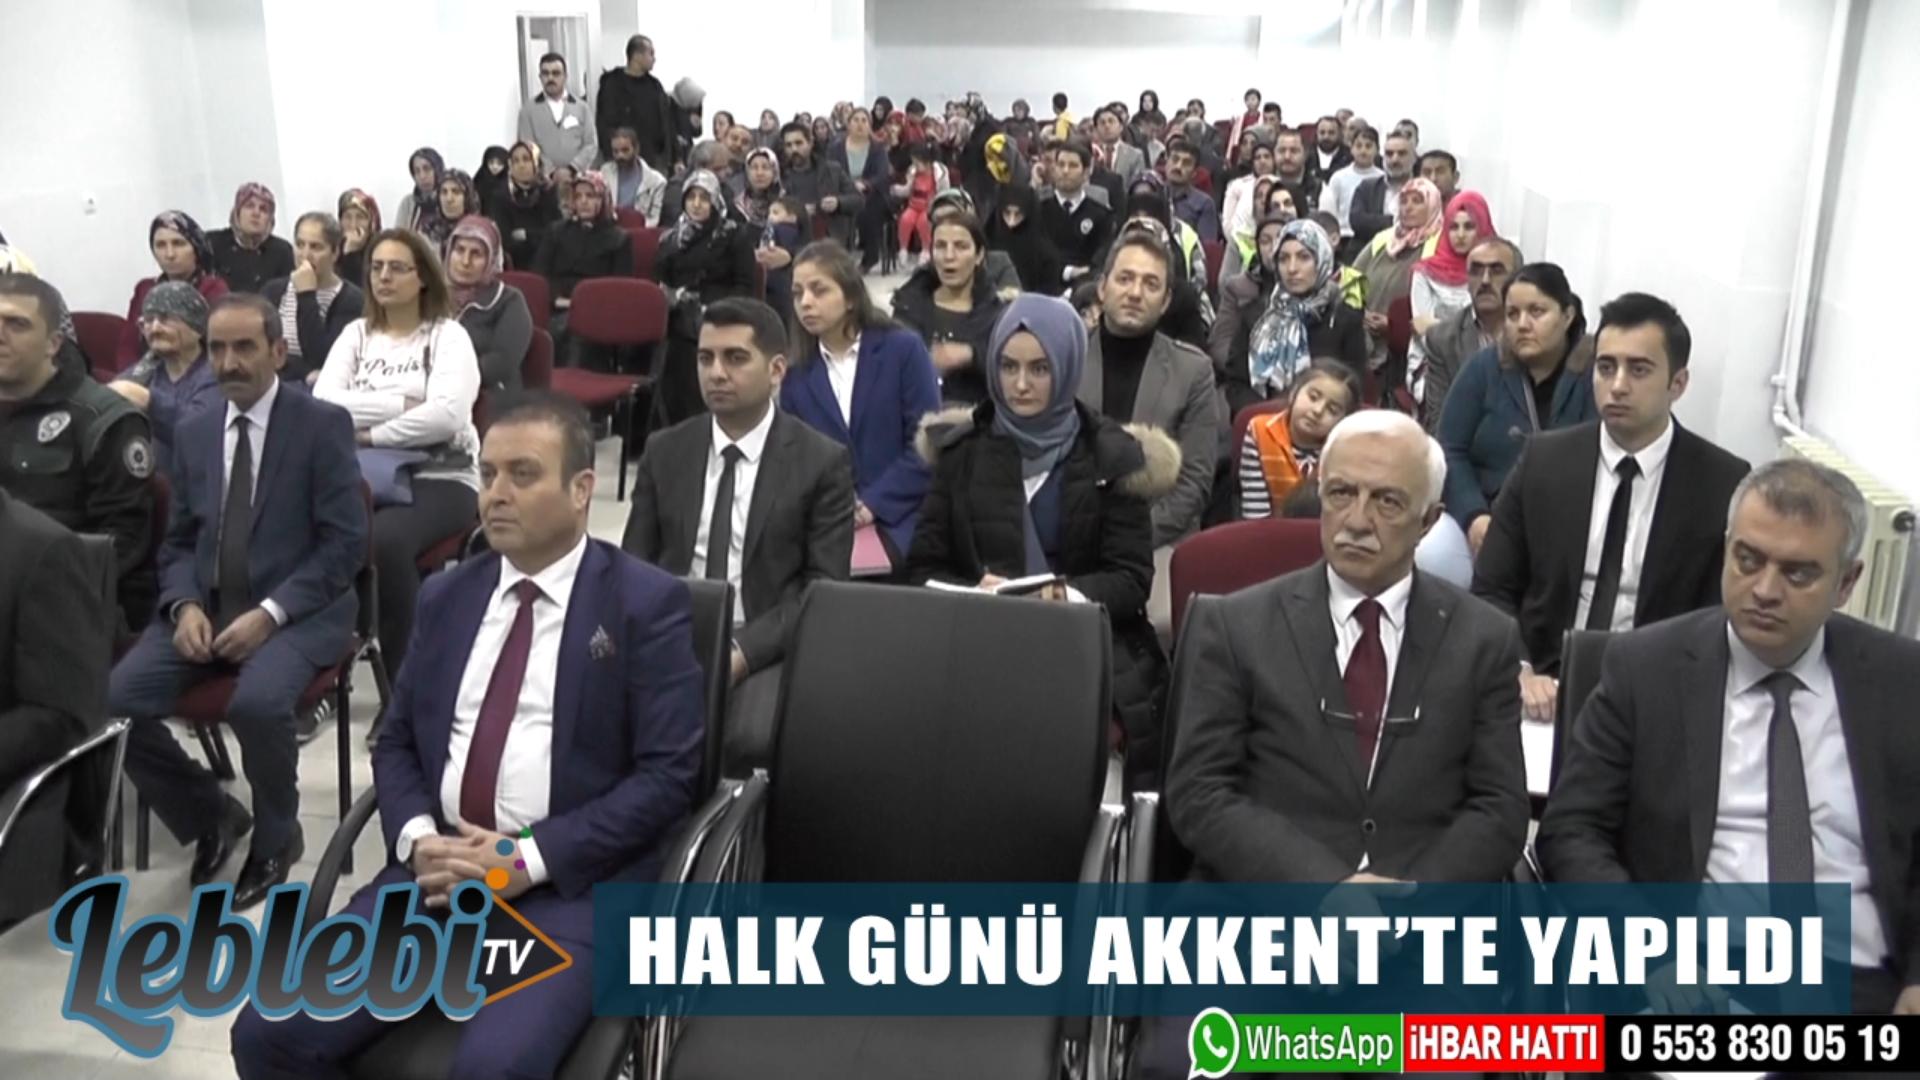 HALK GÜNÜ AKKENT'TE YAPILDI